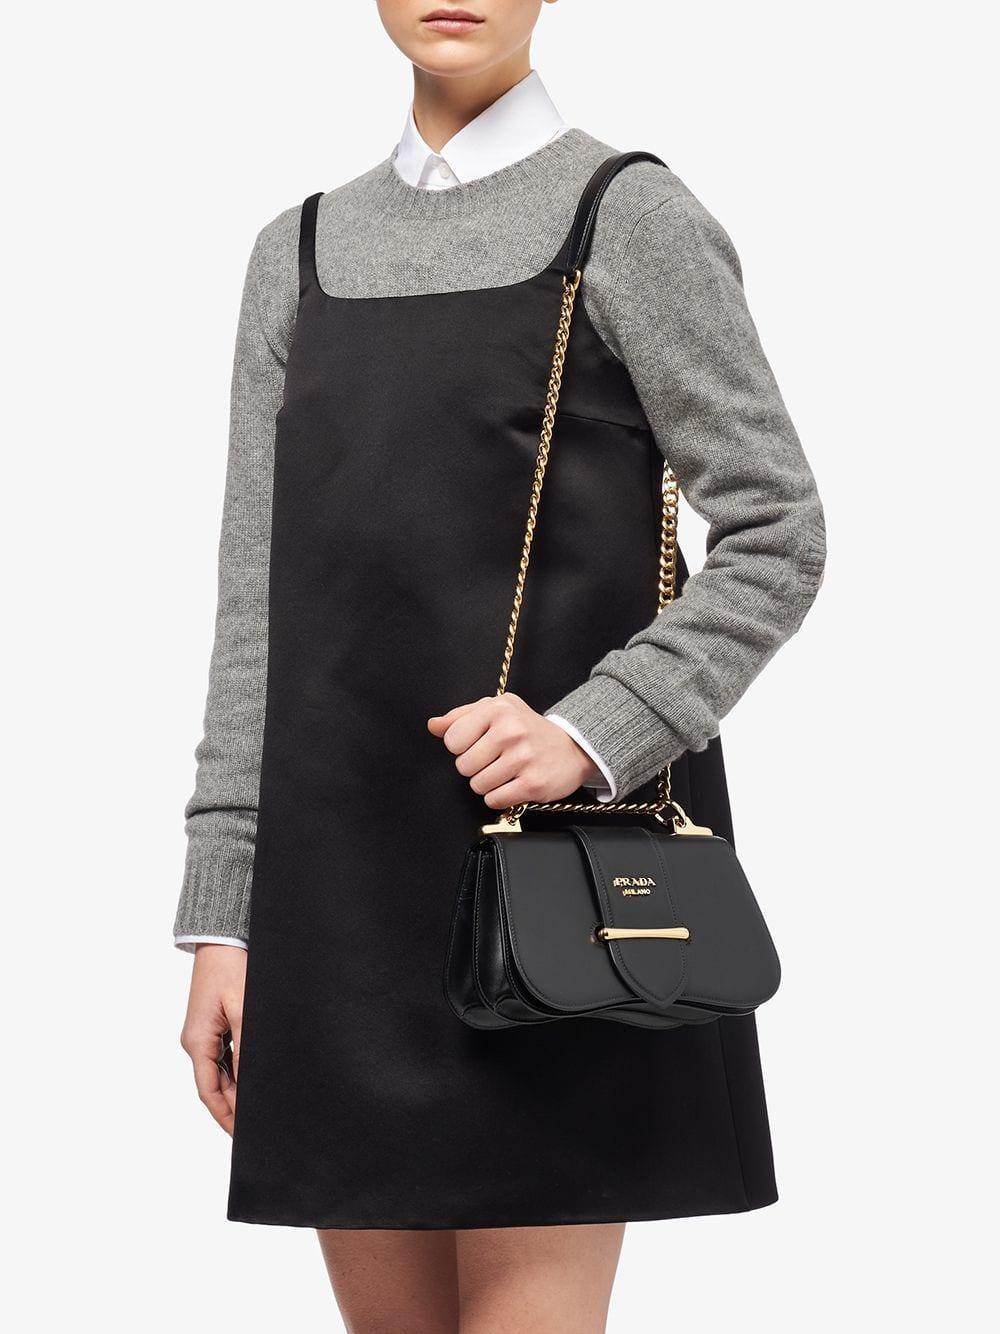 1a418452fc23 Lyst - Prada Sidonie Leather Shoulder Bag in Black